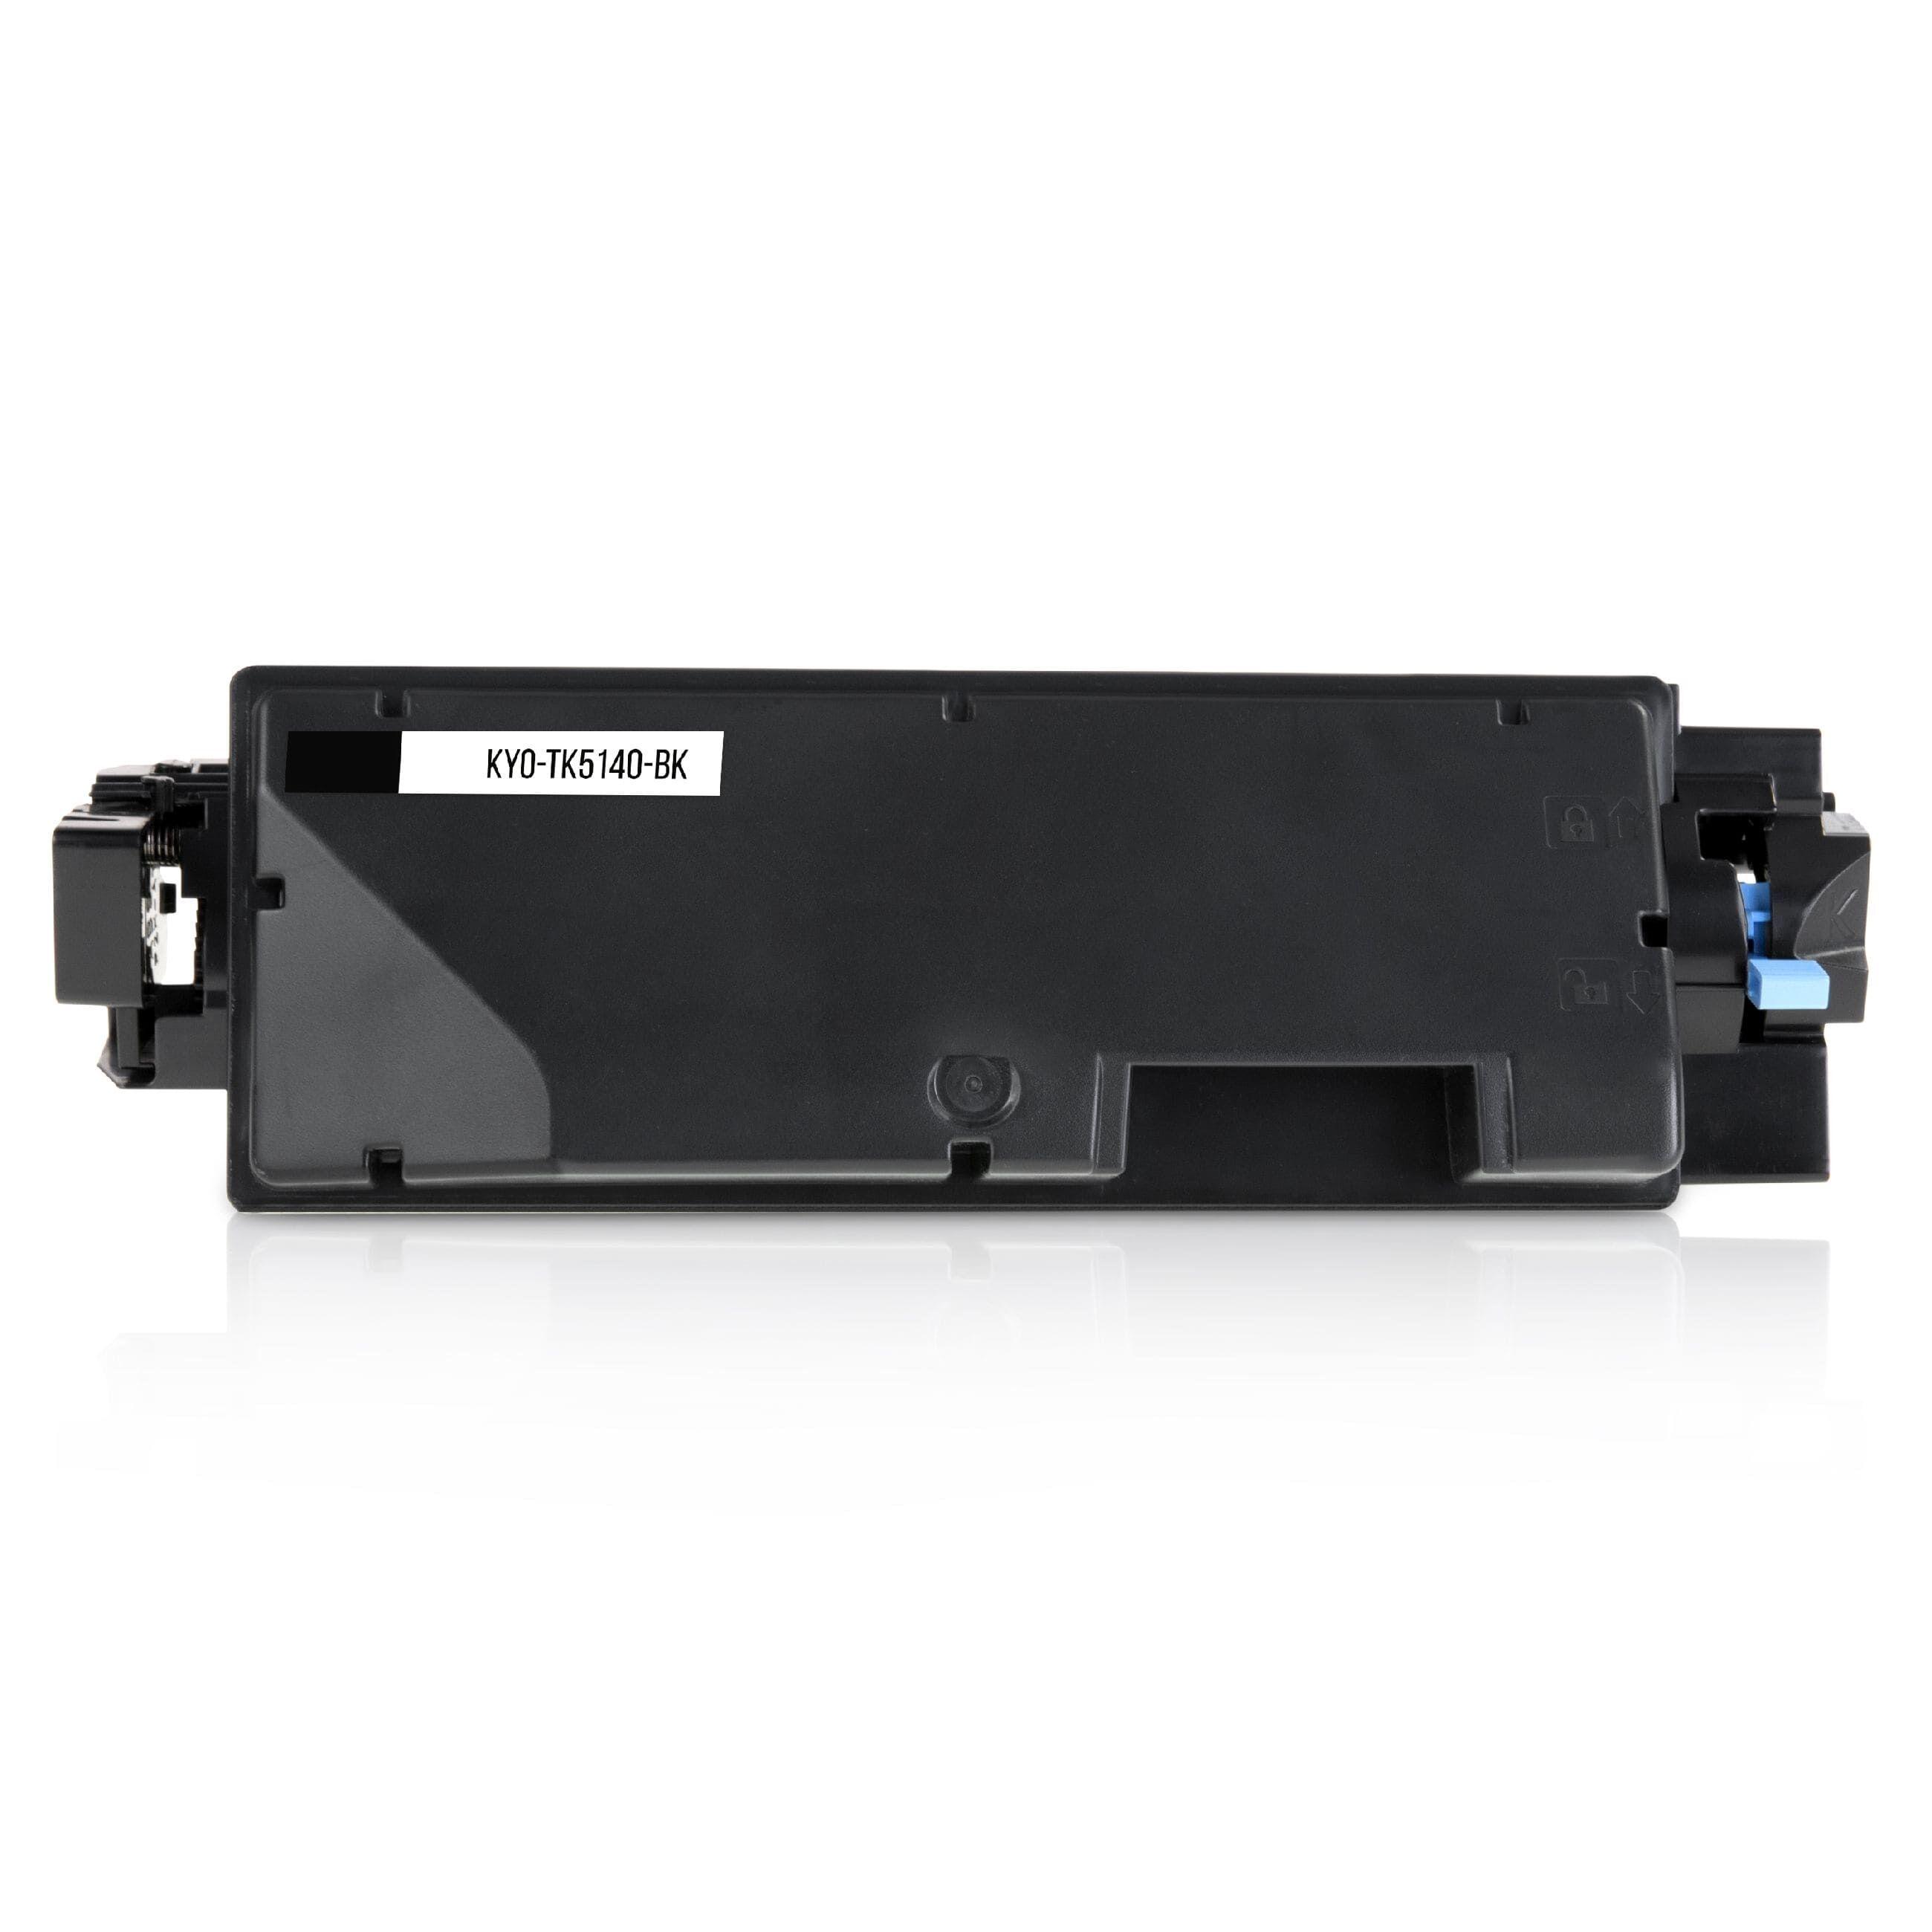 Kyocera Cartouche de Toner pour Kyocera 1T02NR0NL0 / TK-5140 K noir compatible (de marque ASC)